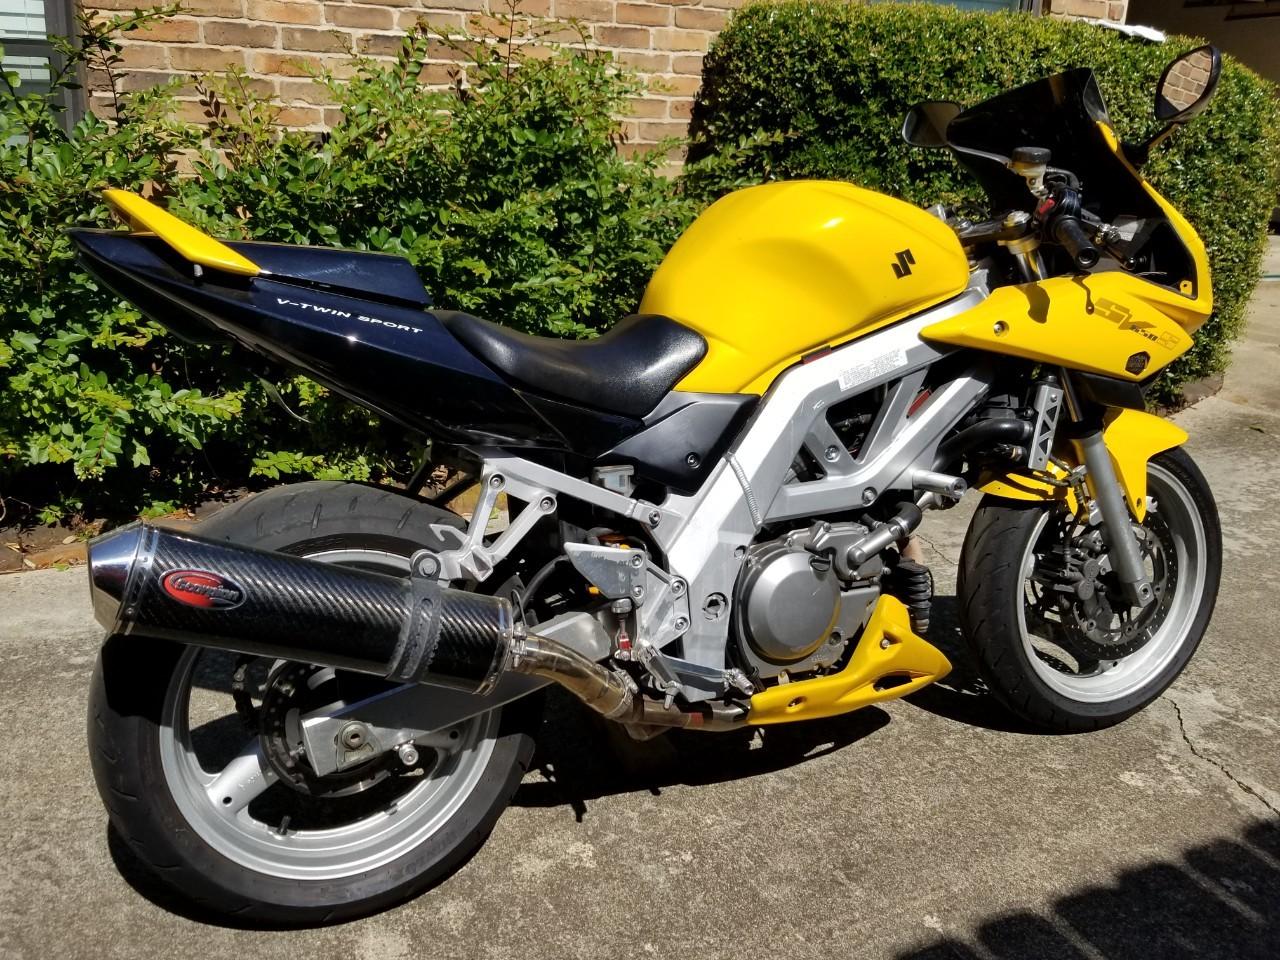 TX - Suzuki For Sale - Suzuki Motorcycle,ATV Four Wheeler,Side by